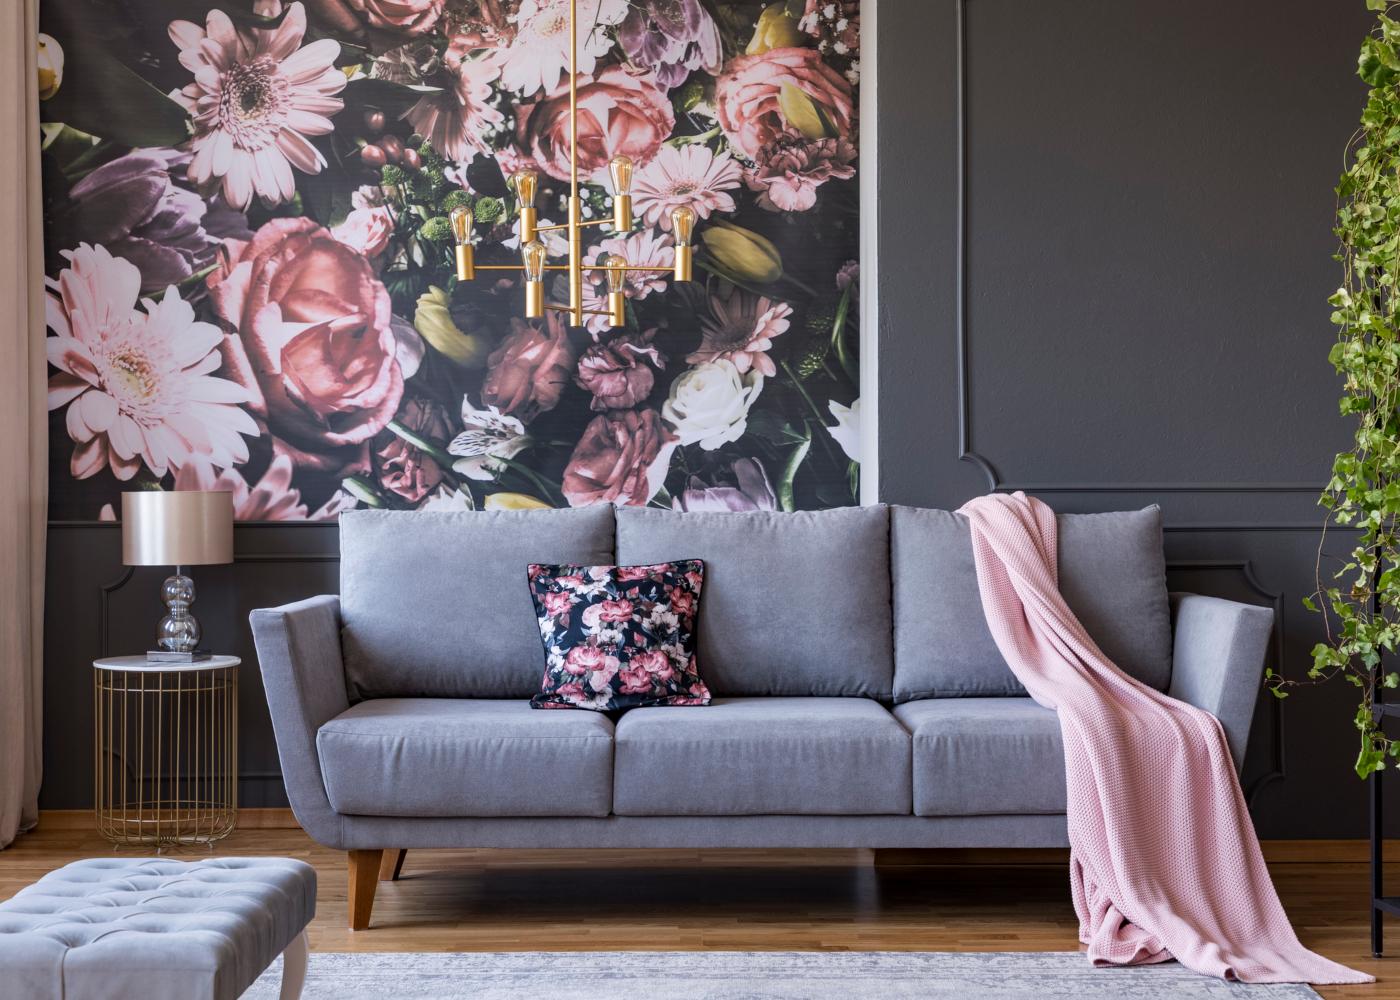 sala decorada em tons de rosa e cinzento